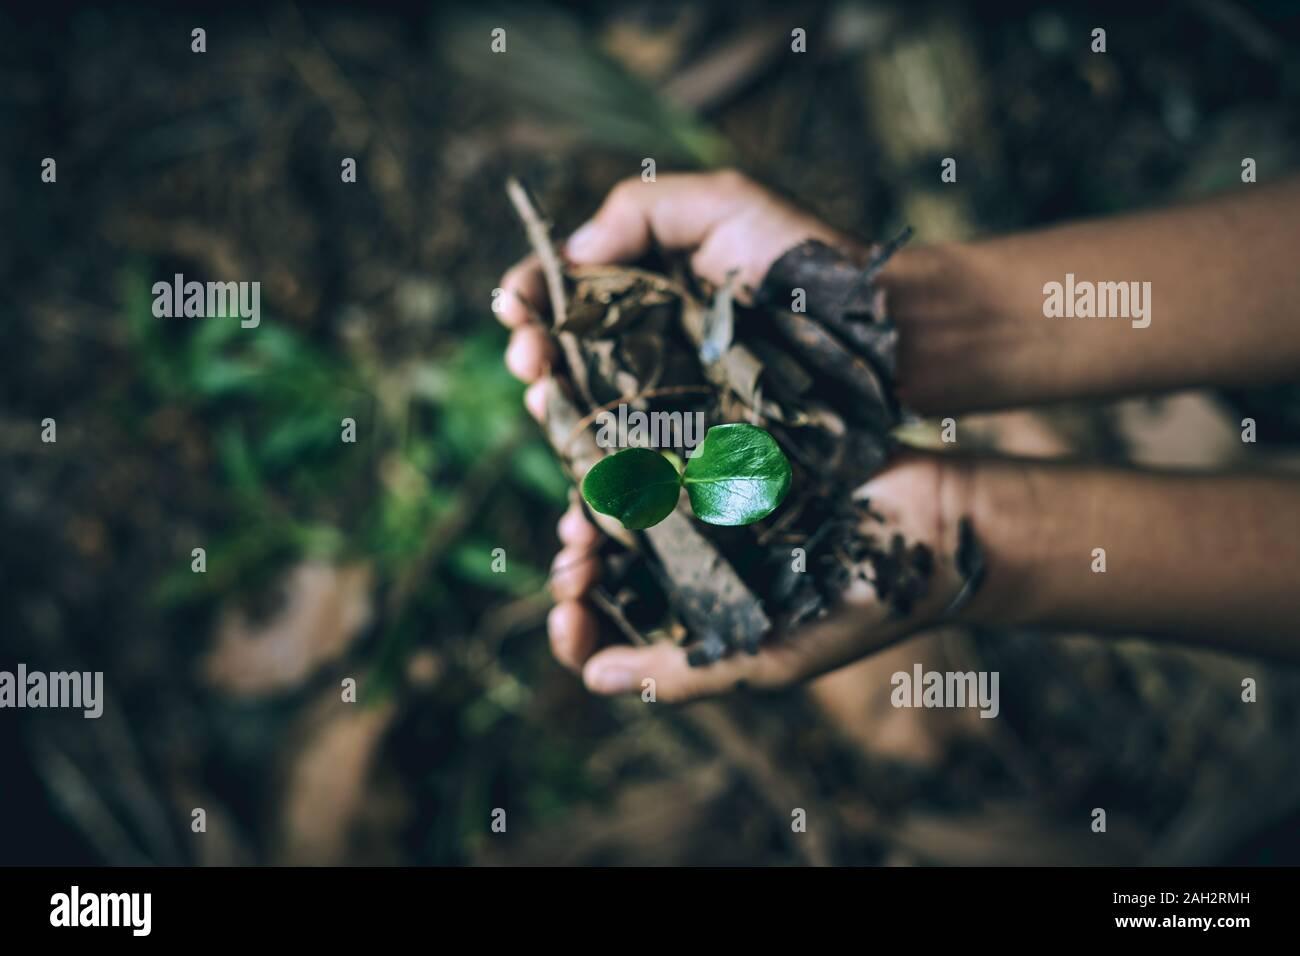 Chico manos sosteniendo los árboles jóvenes para plantar para reducir el calentamiento global, la conservación de los bosques Foto de stock